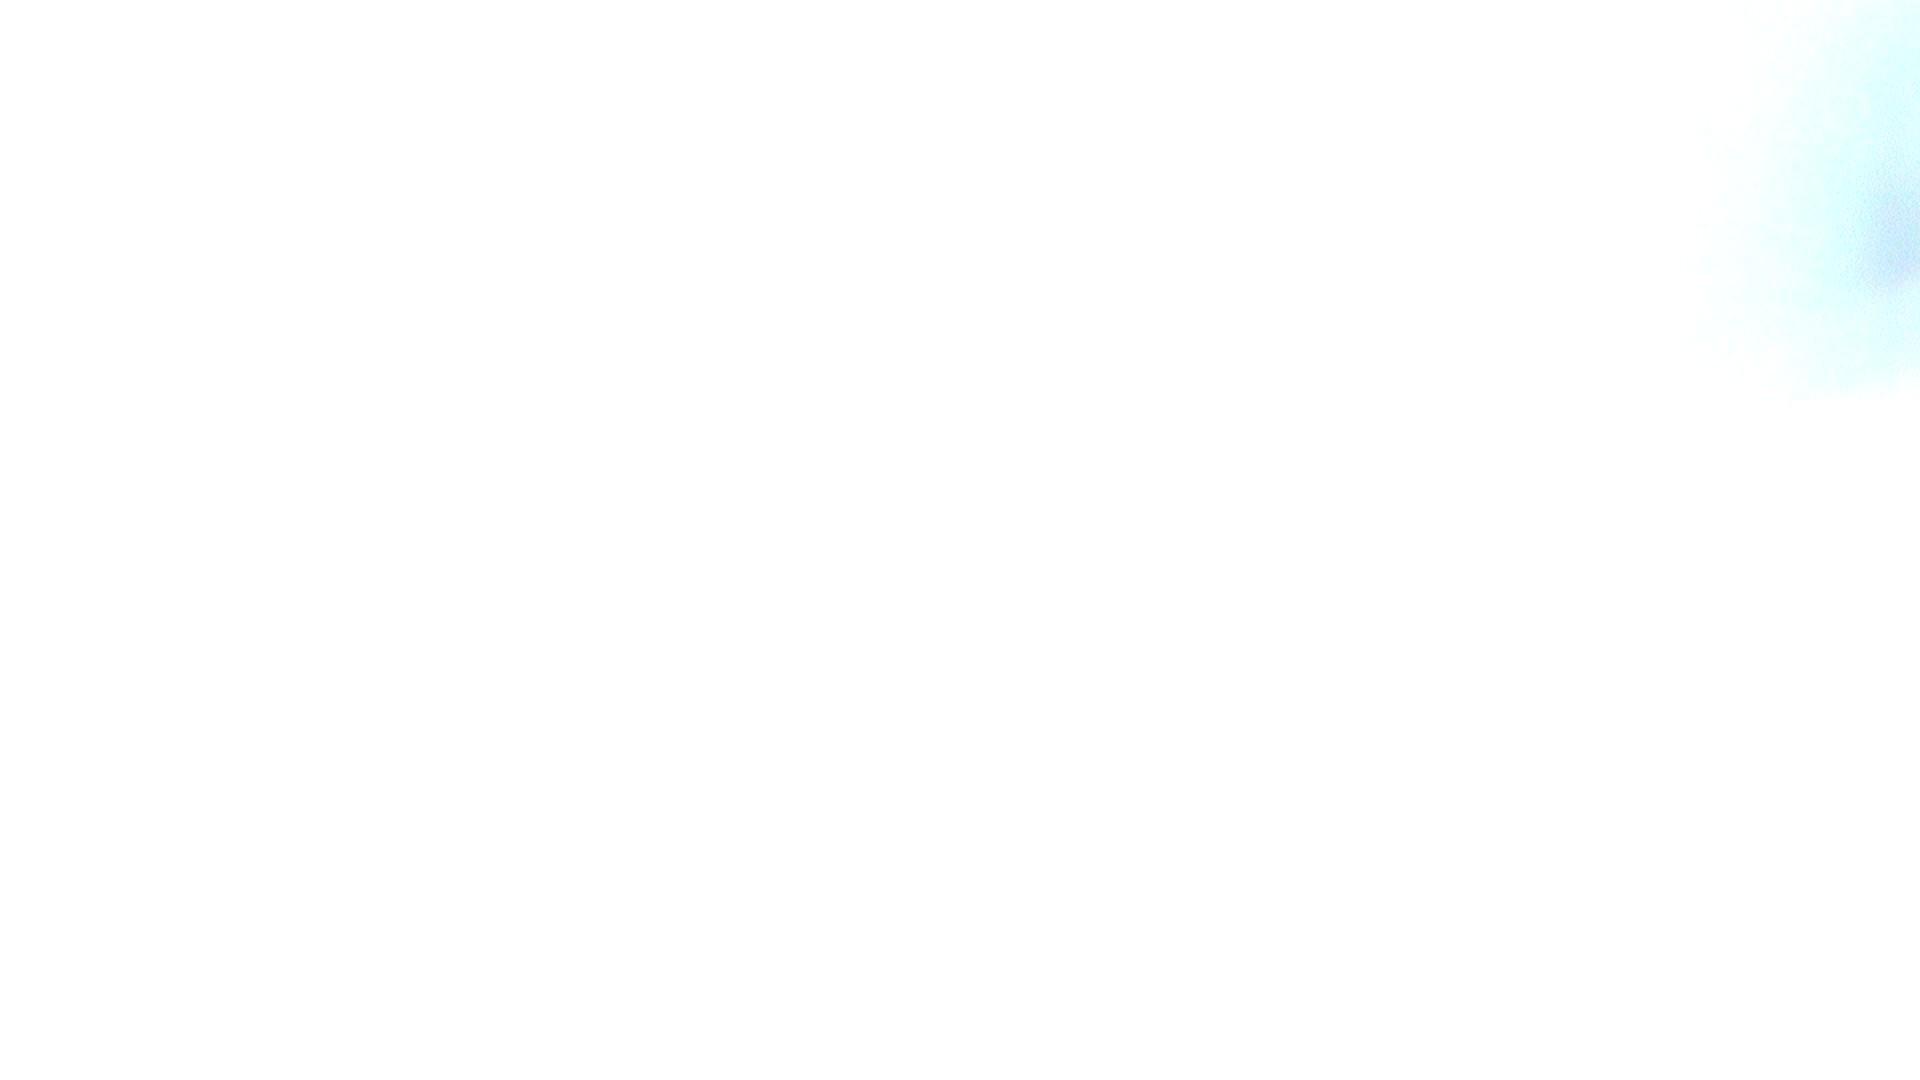 ※100個限定販売 至高下半身盗撮 プレミアム Vol.36 ハイビジョン ギャルズ ヌード画像 108画像 16